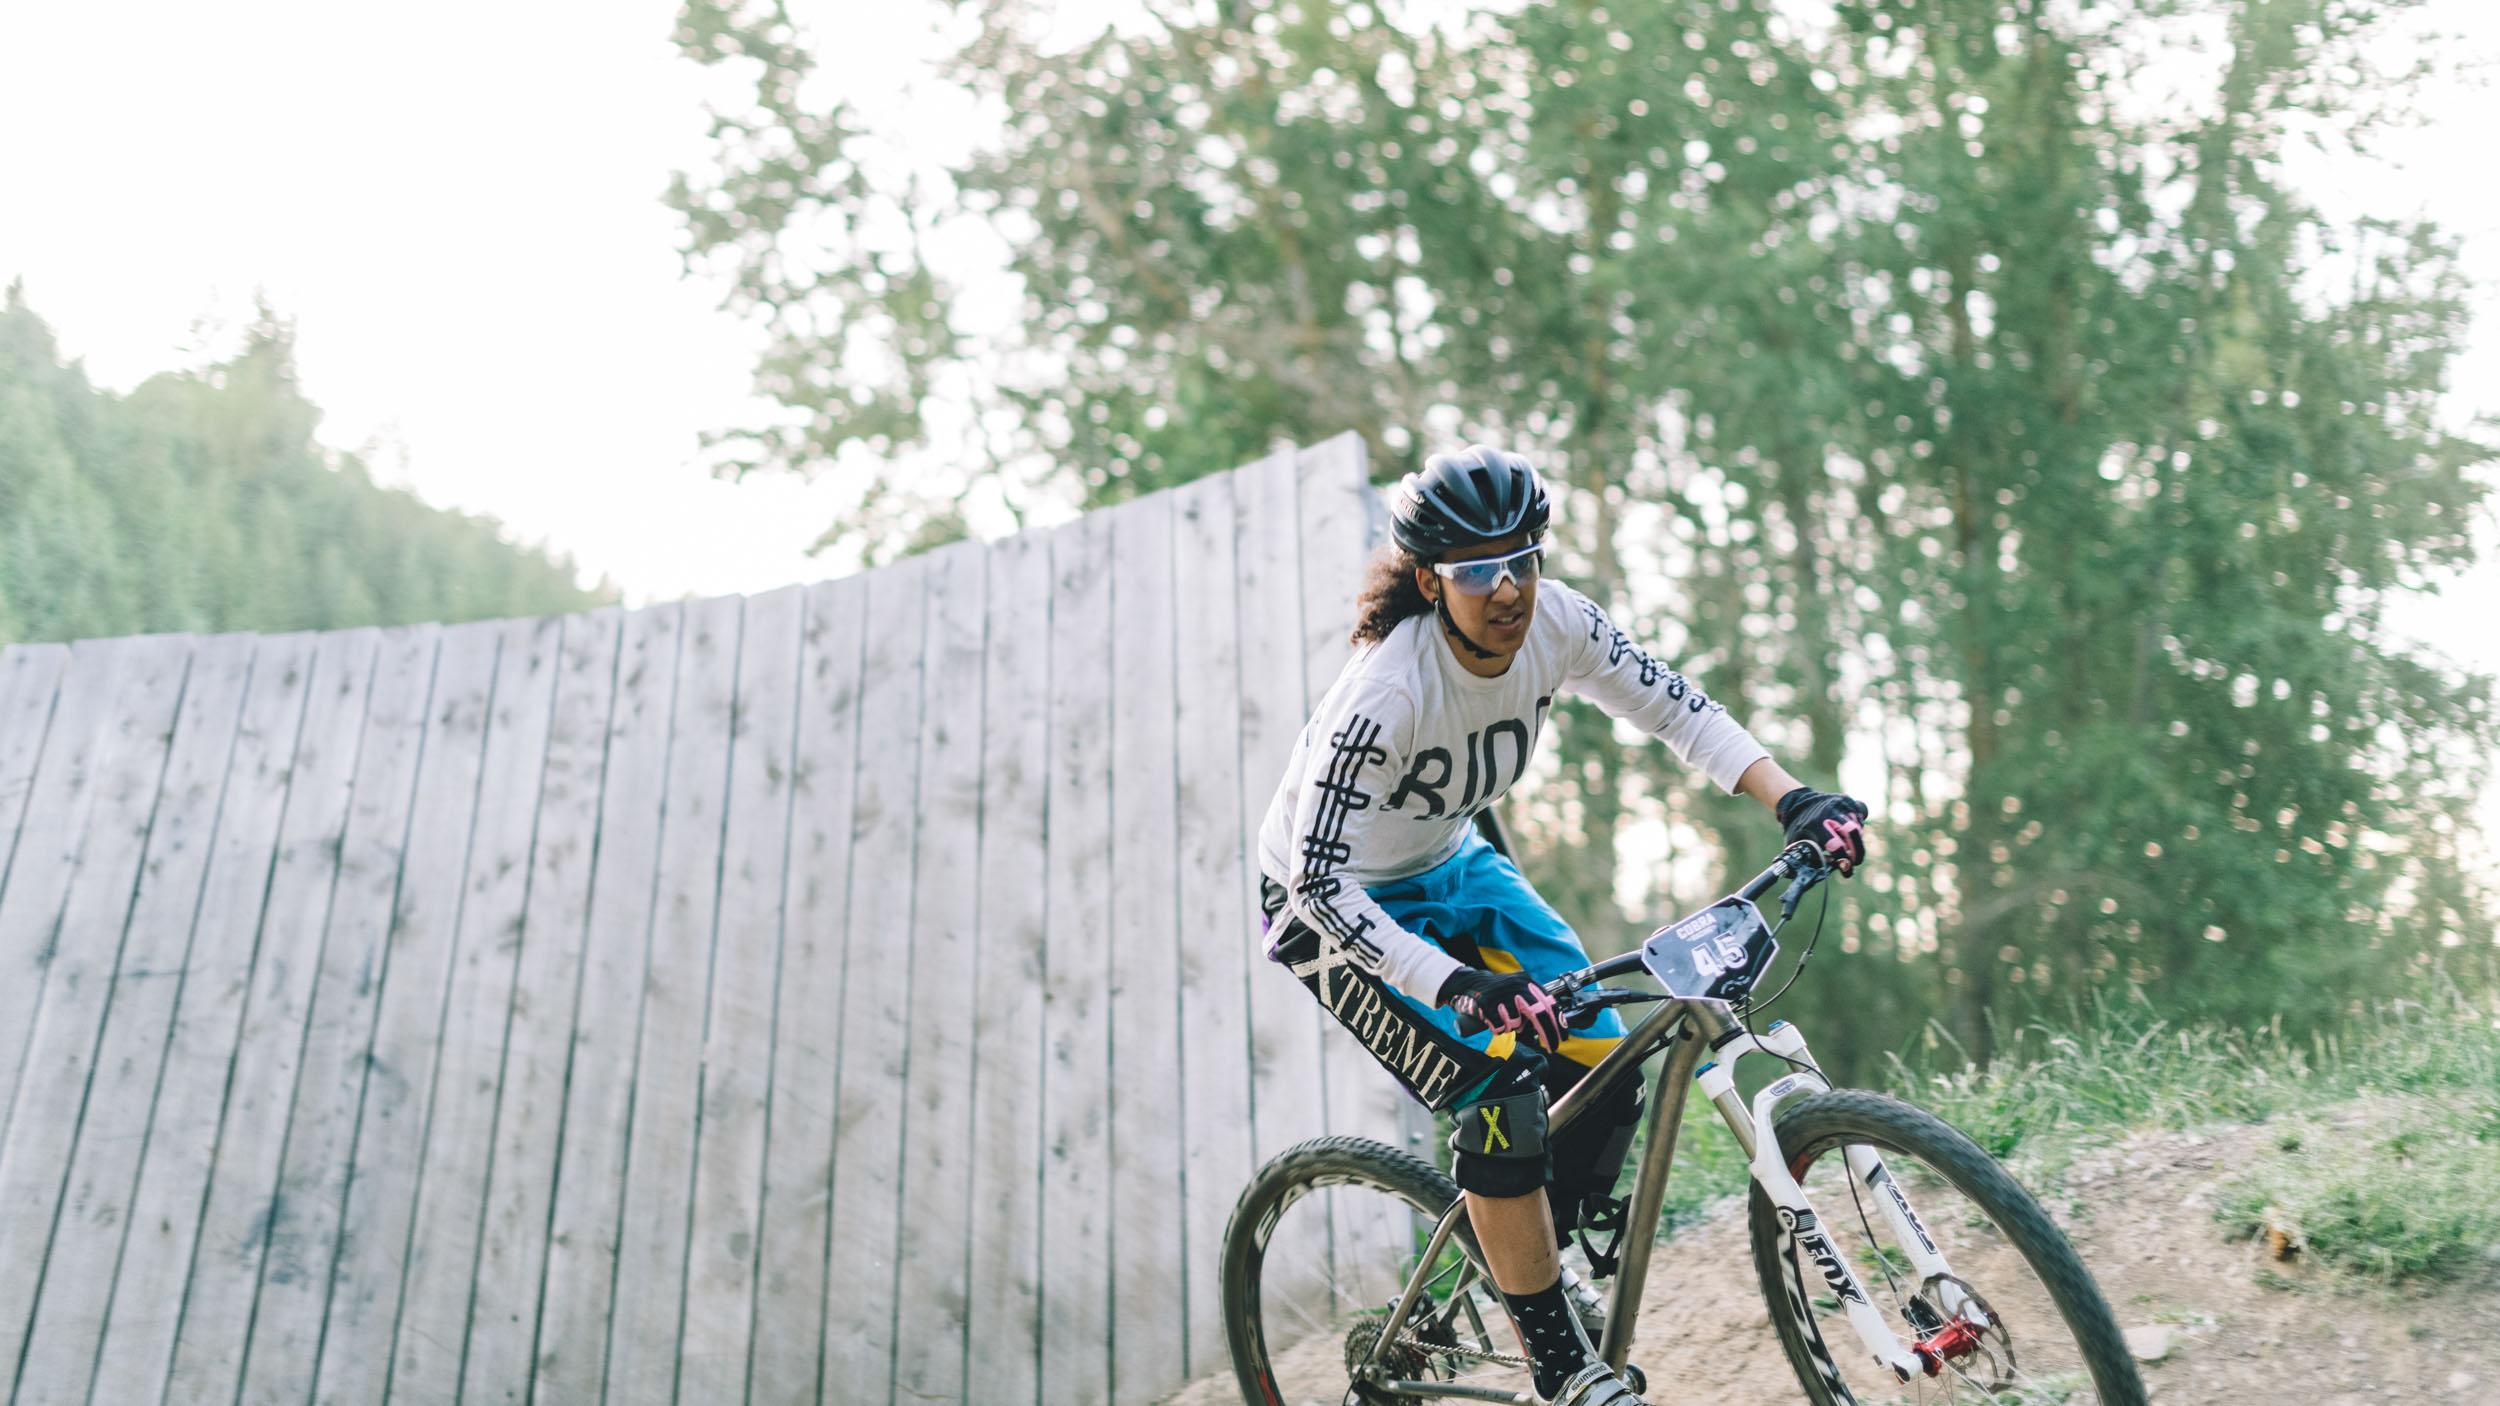 COBRA_Racing_Gateway_Miguel_Race_12.jpg